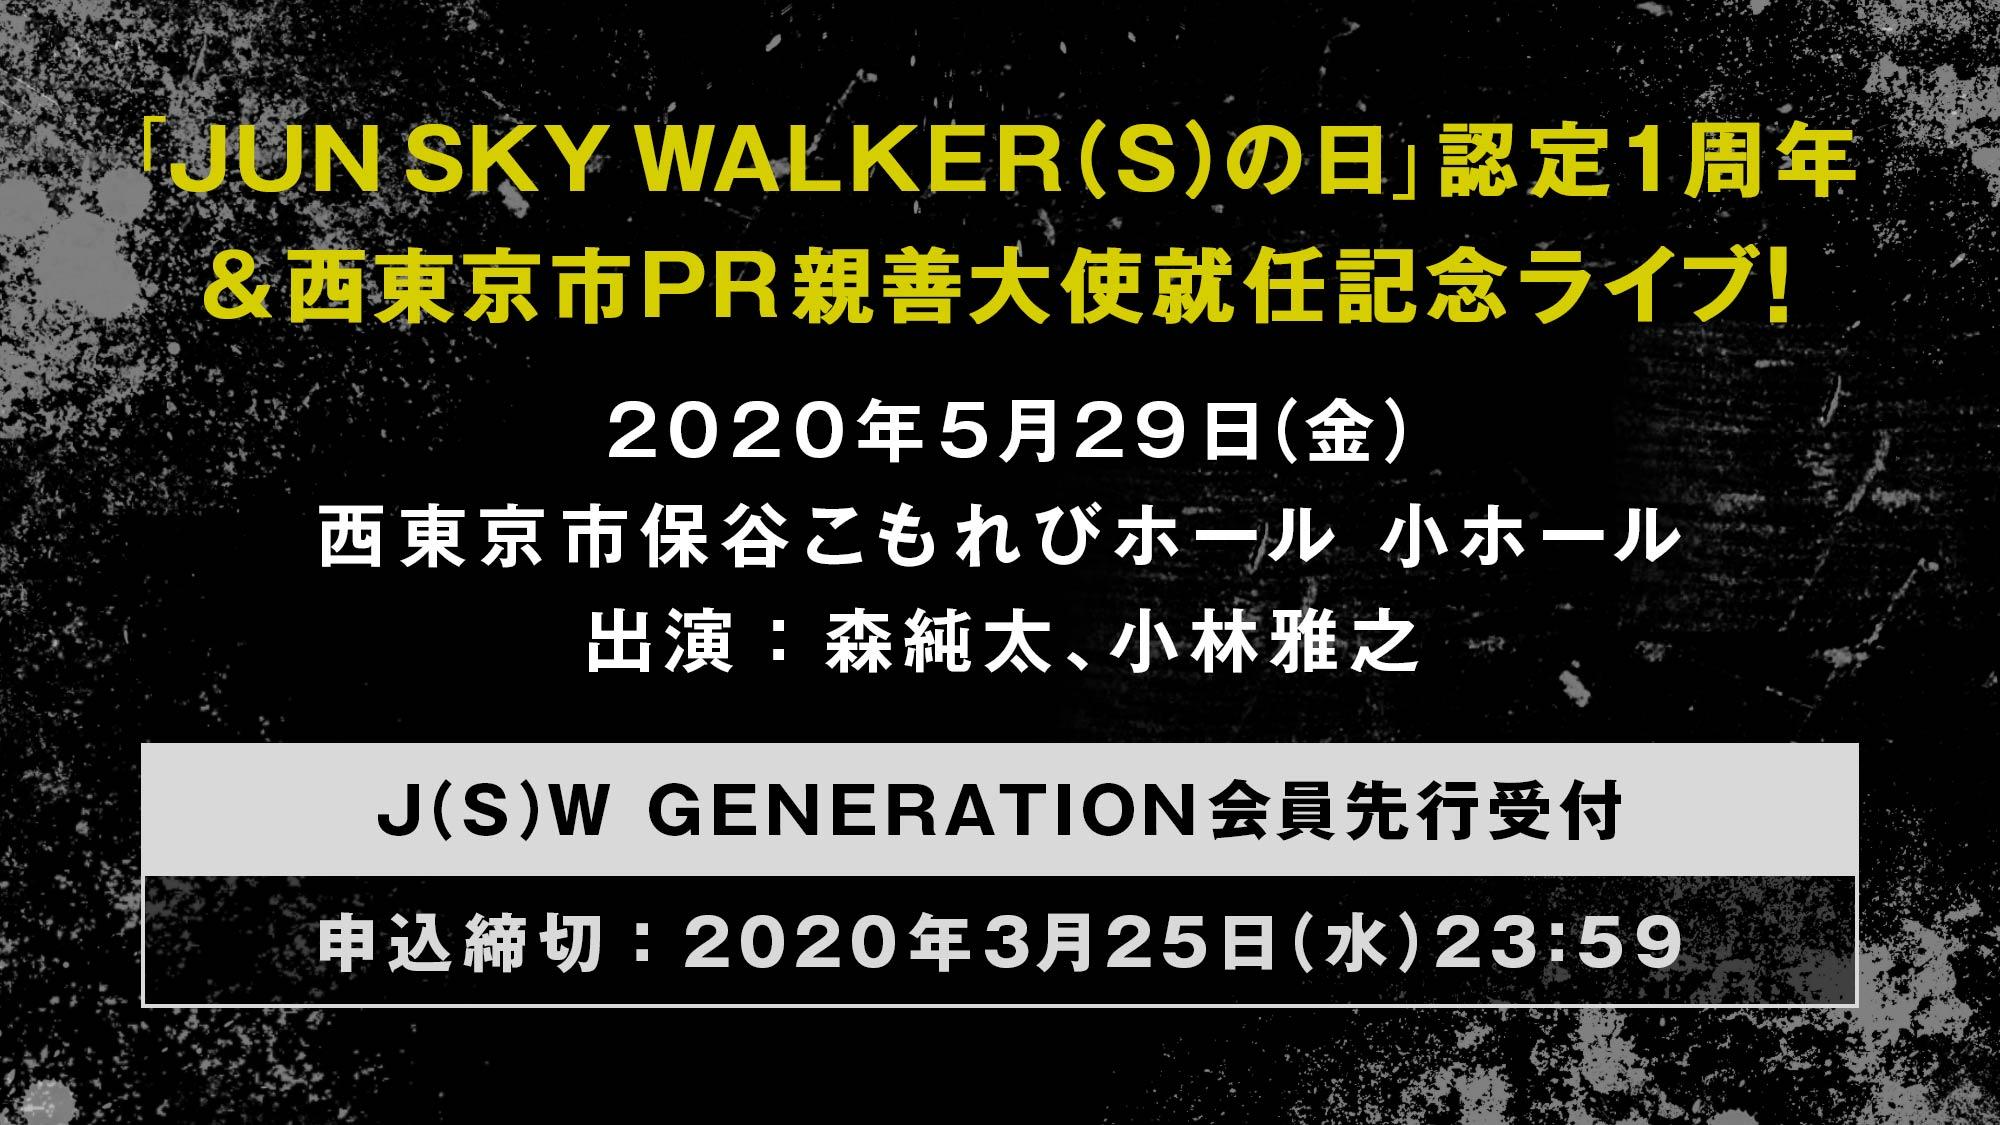 『「JUN SKY WALKER(S)の日」認定1周年&西東京市PR親善大使就任記念ライブ!』先行受付